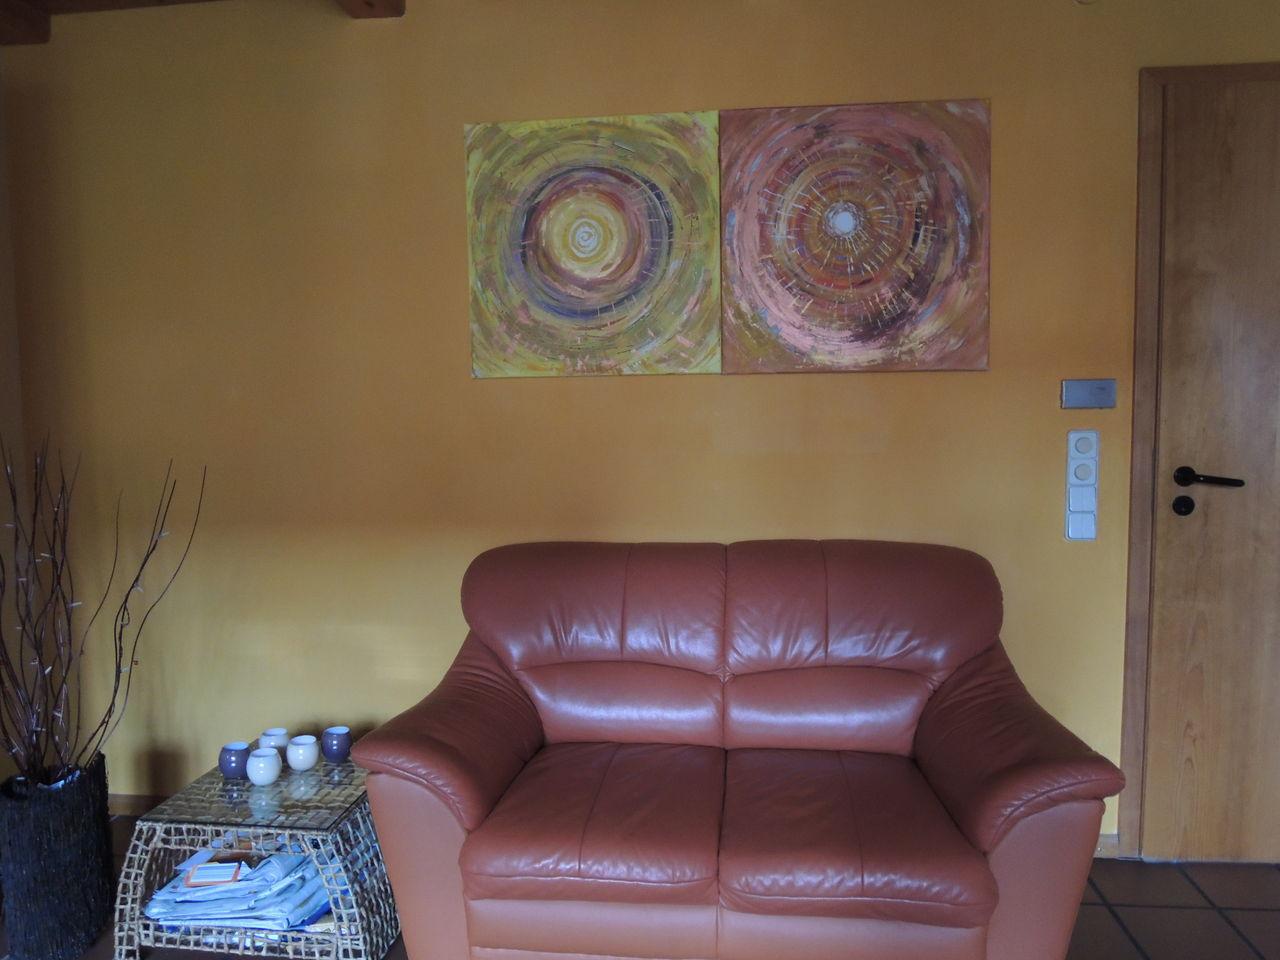 ausstrahlung, bestrahlung im wohnzimmer als beispiel - Moderne kunst ...